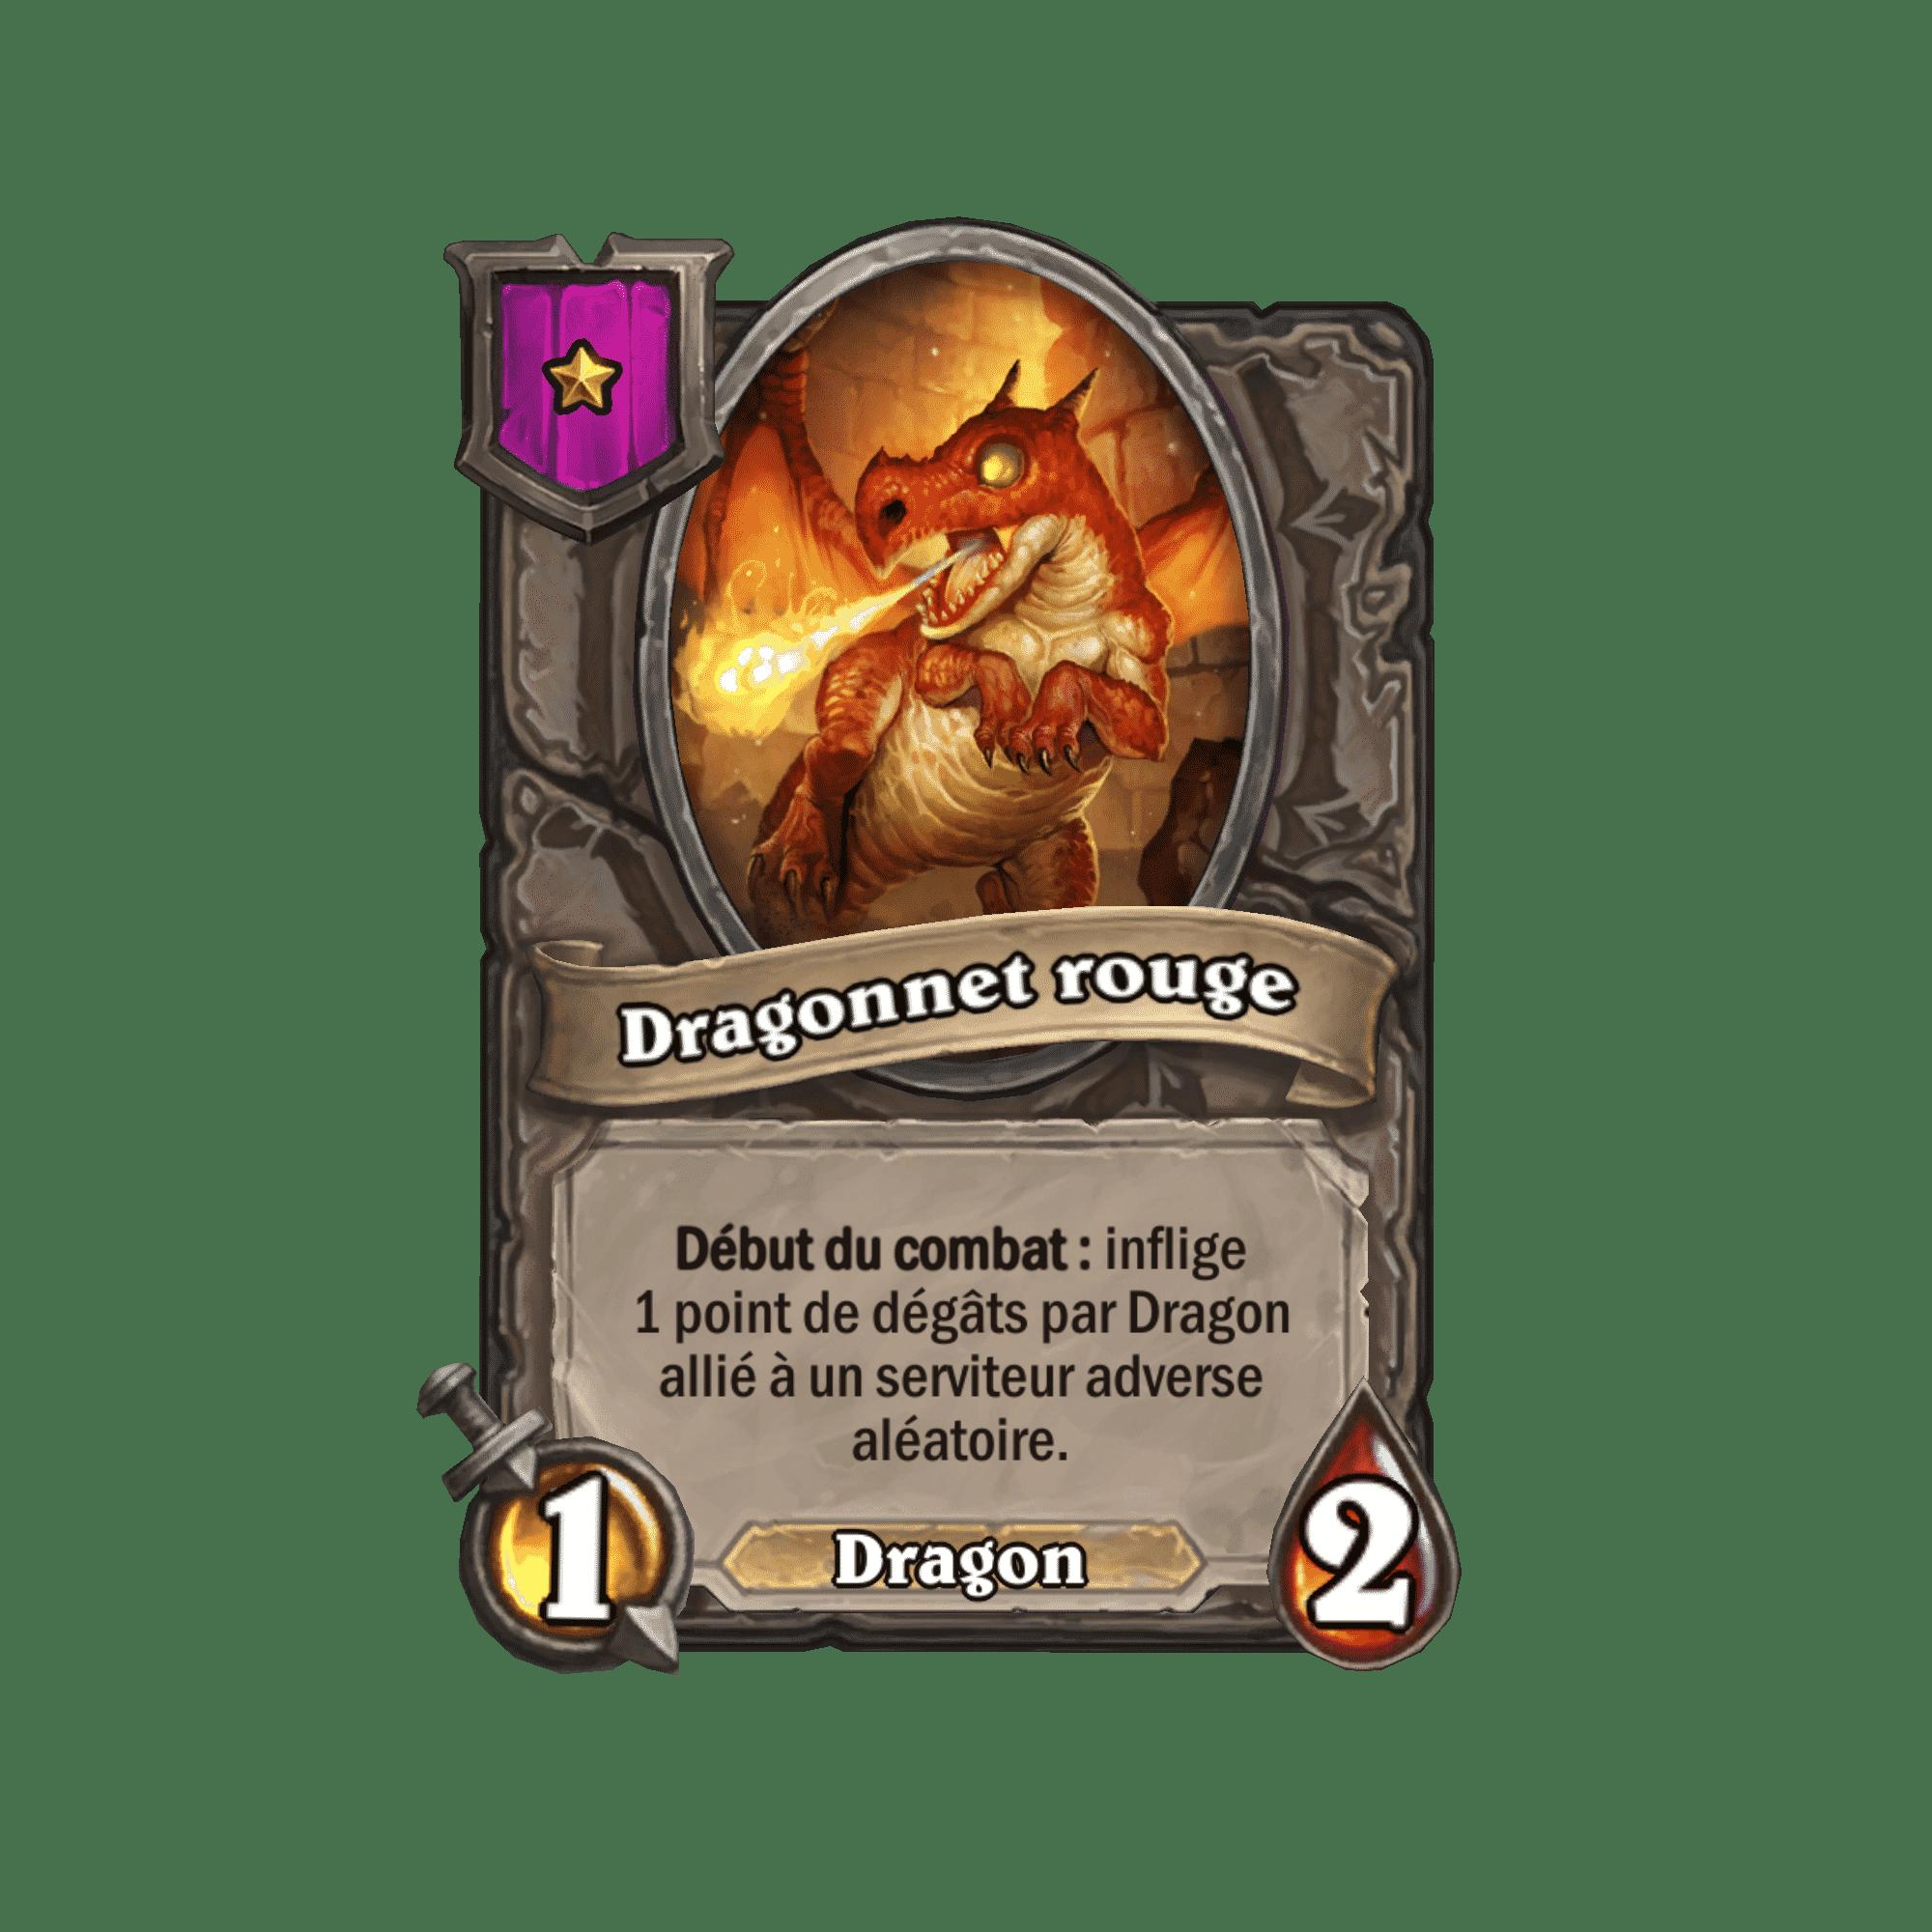 dragonnet-rouge